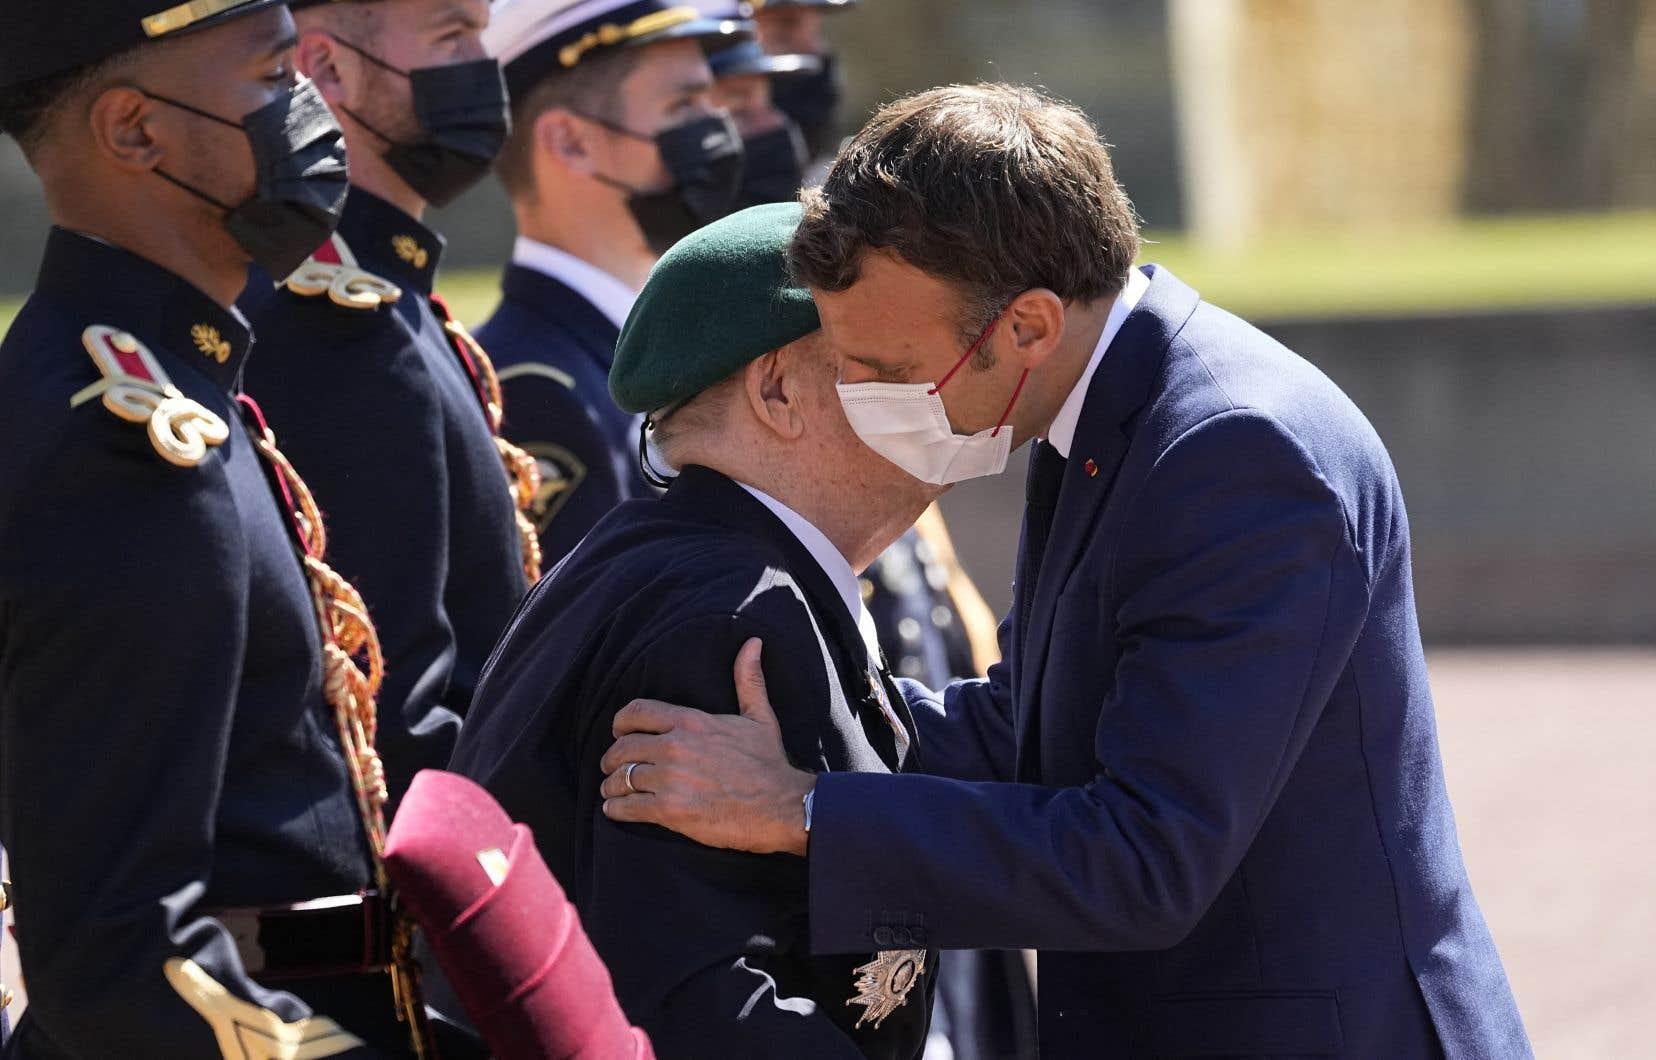 Emmanuel Macron a salué deux anciens combattants de la Deuxième Guerre mondiale en leur faisant la bise.Le leader français portait un masque, mais pas les deux hommes âgés.